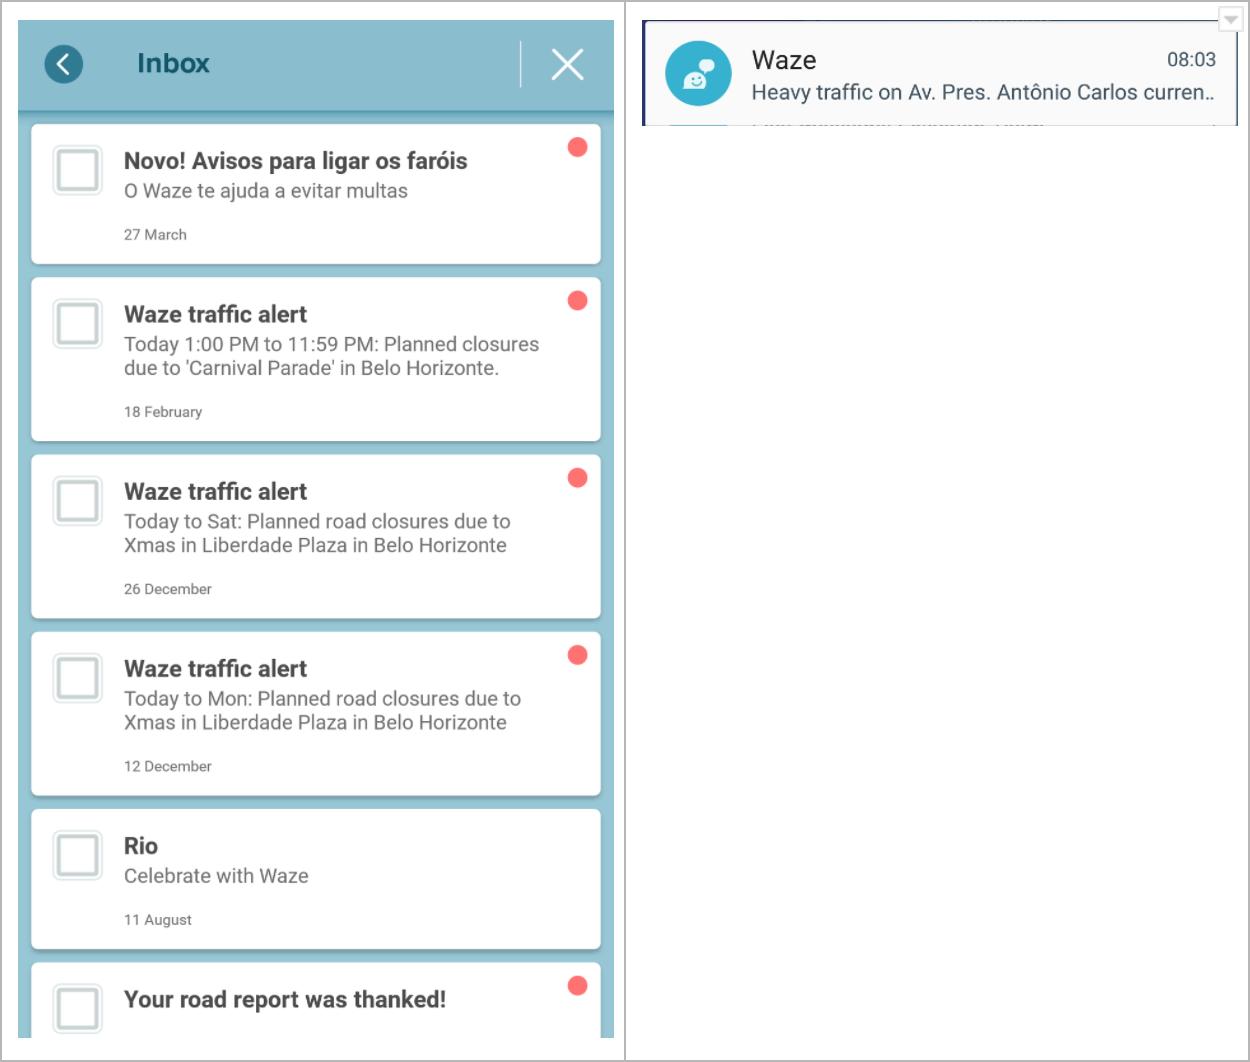 Tela de caixa de mensagens e notificação